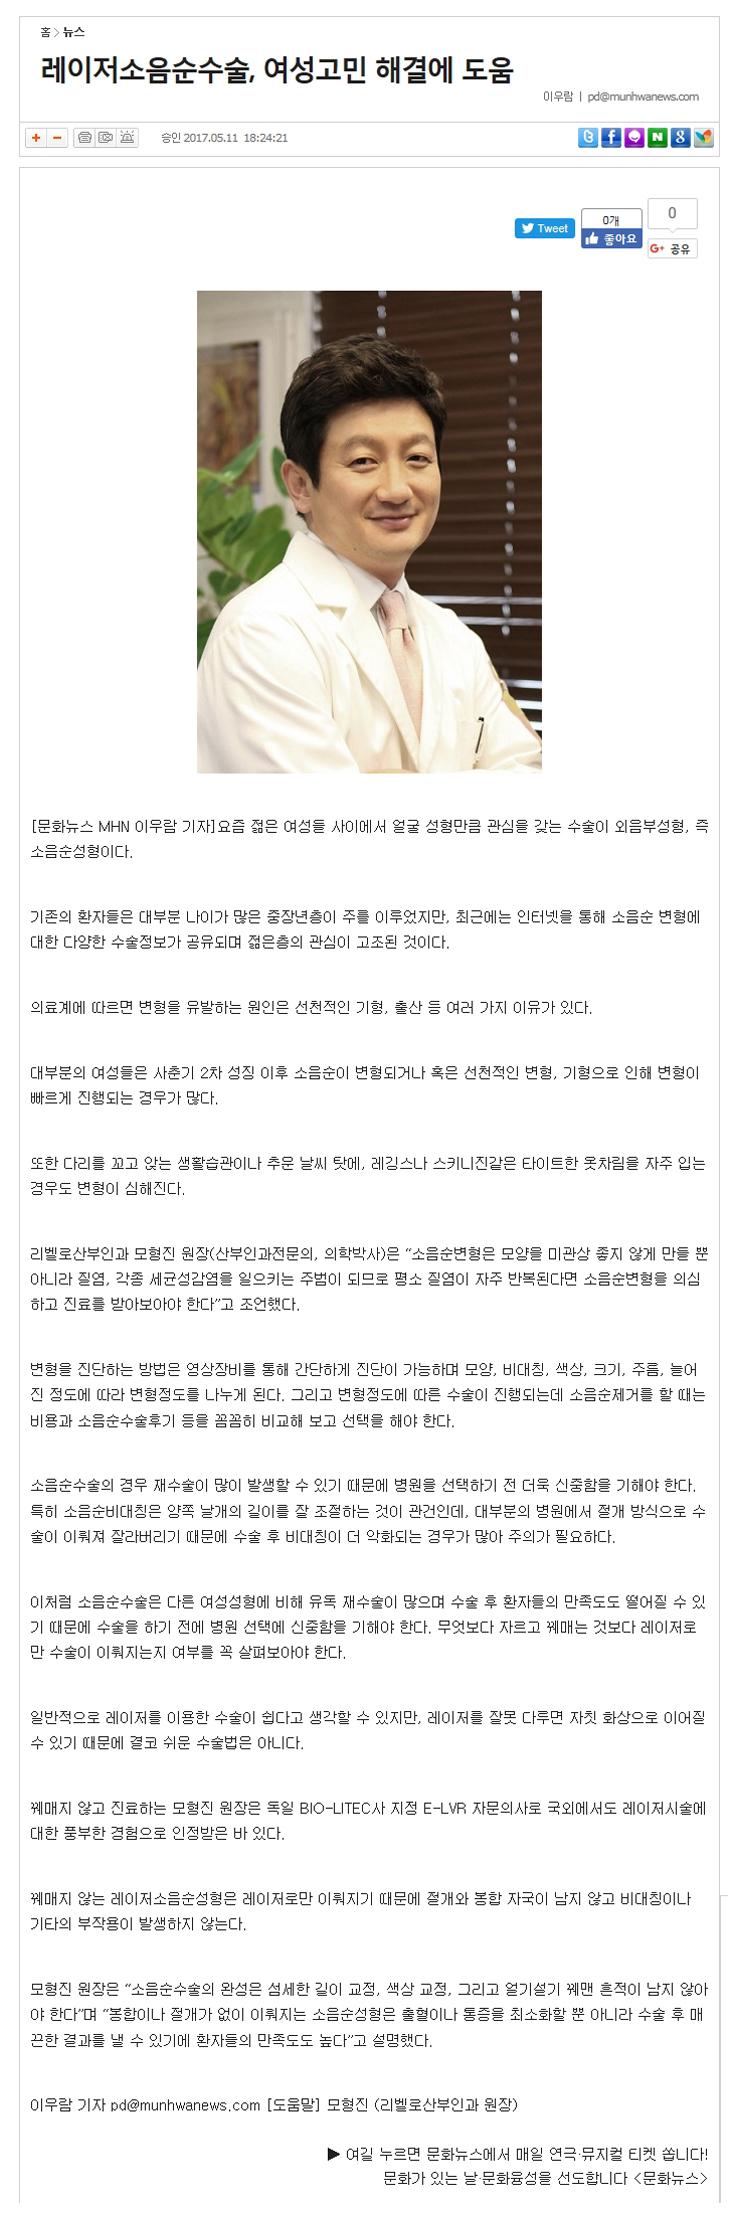 문화뉴스-170511.jpg